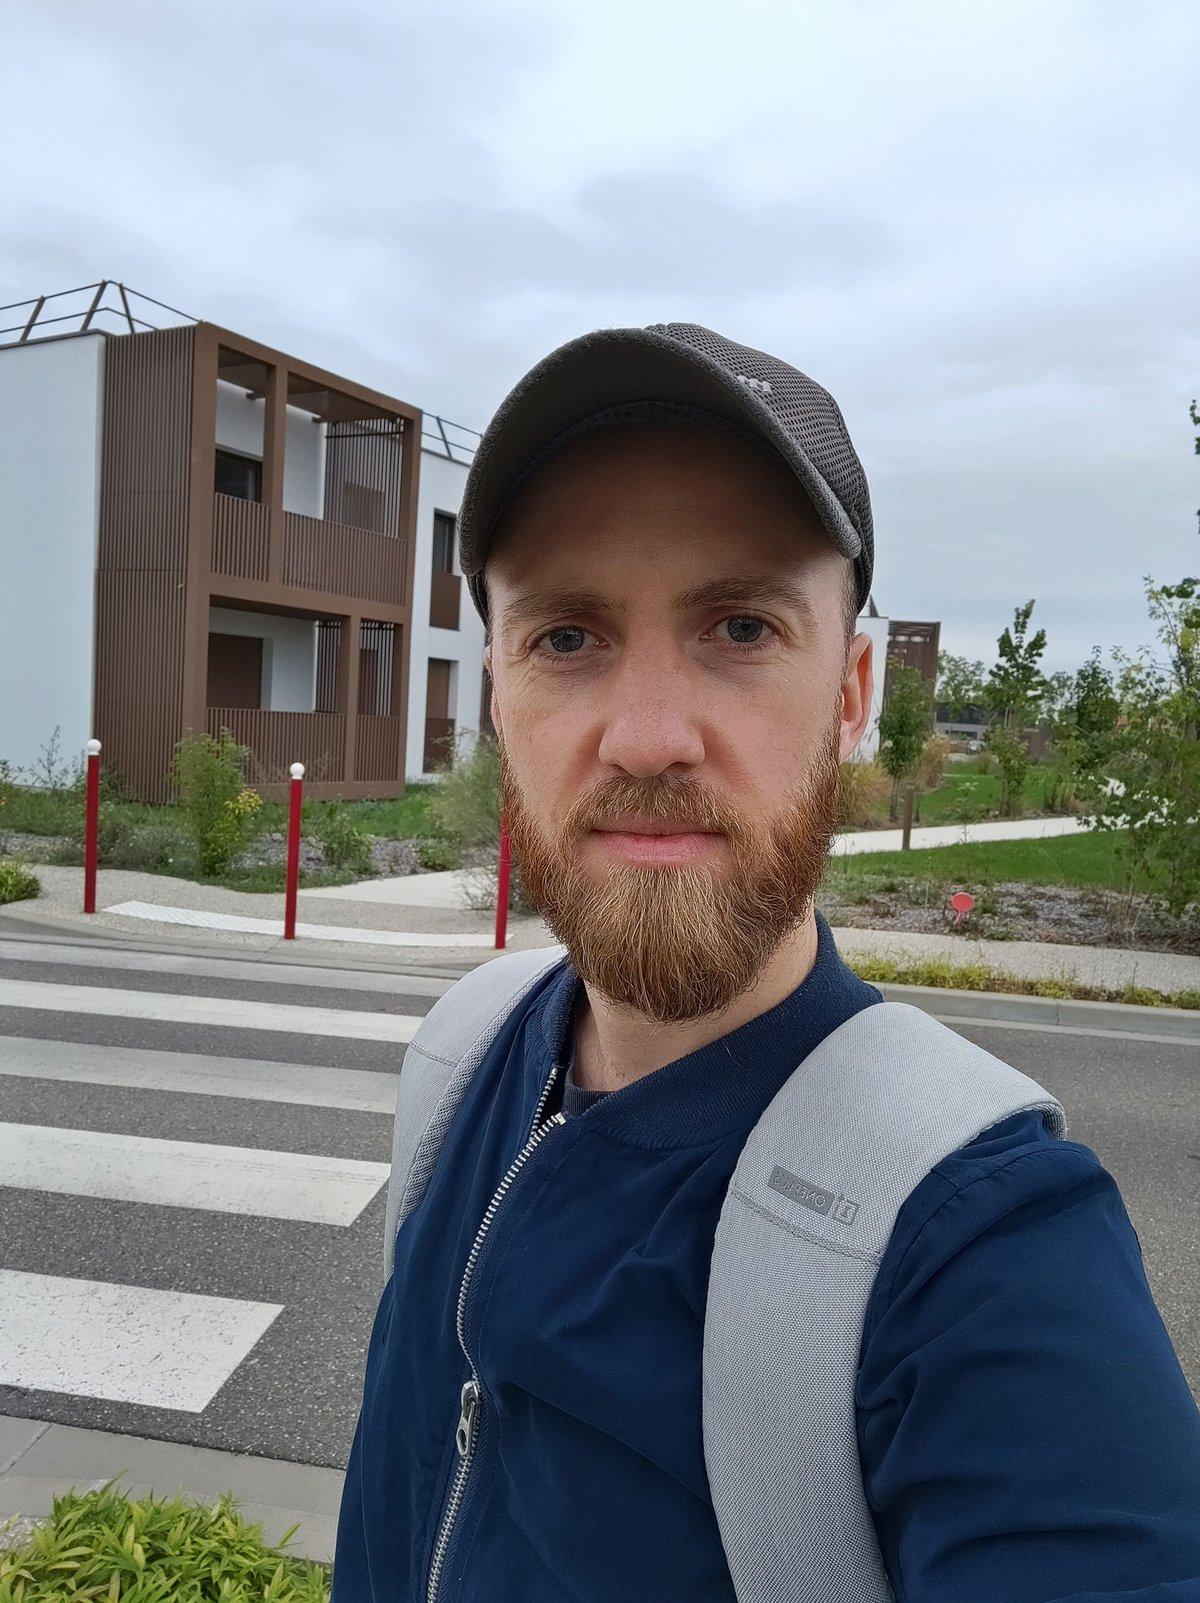 selfie SANS mode pixel élevé fairphone 4